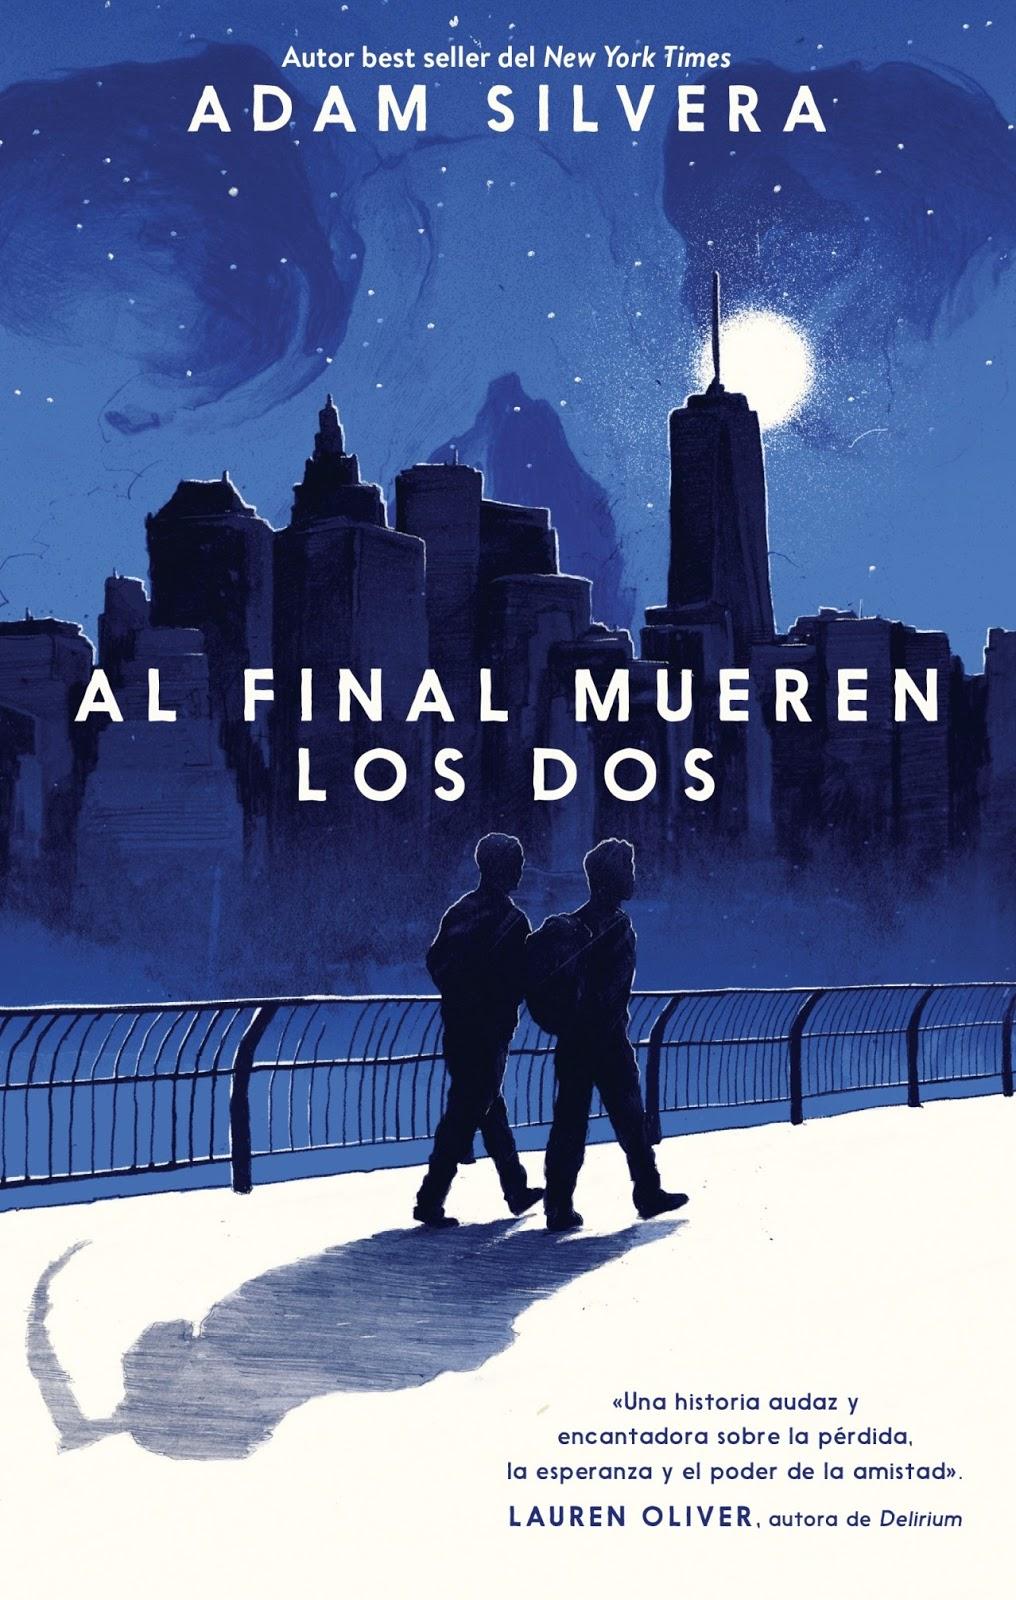 Caos Literario Resena Al Final Mueren Los Dos Adam Silvera